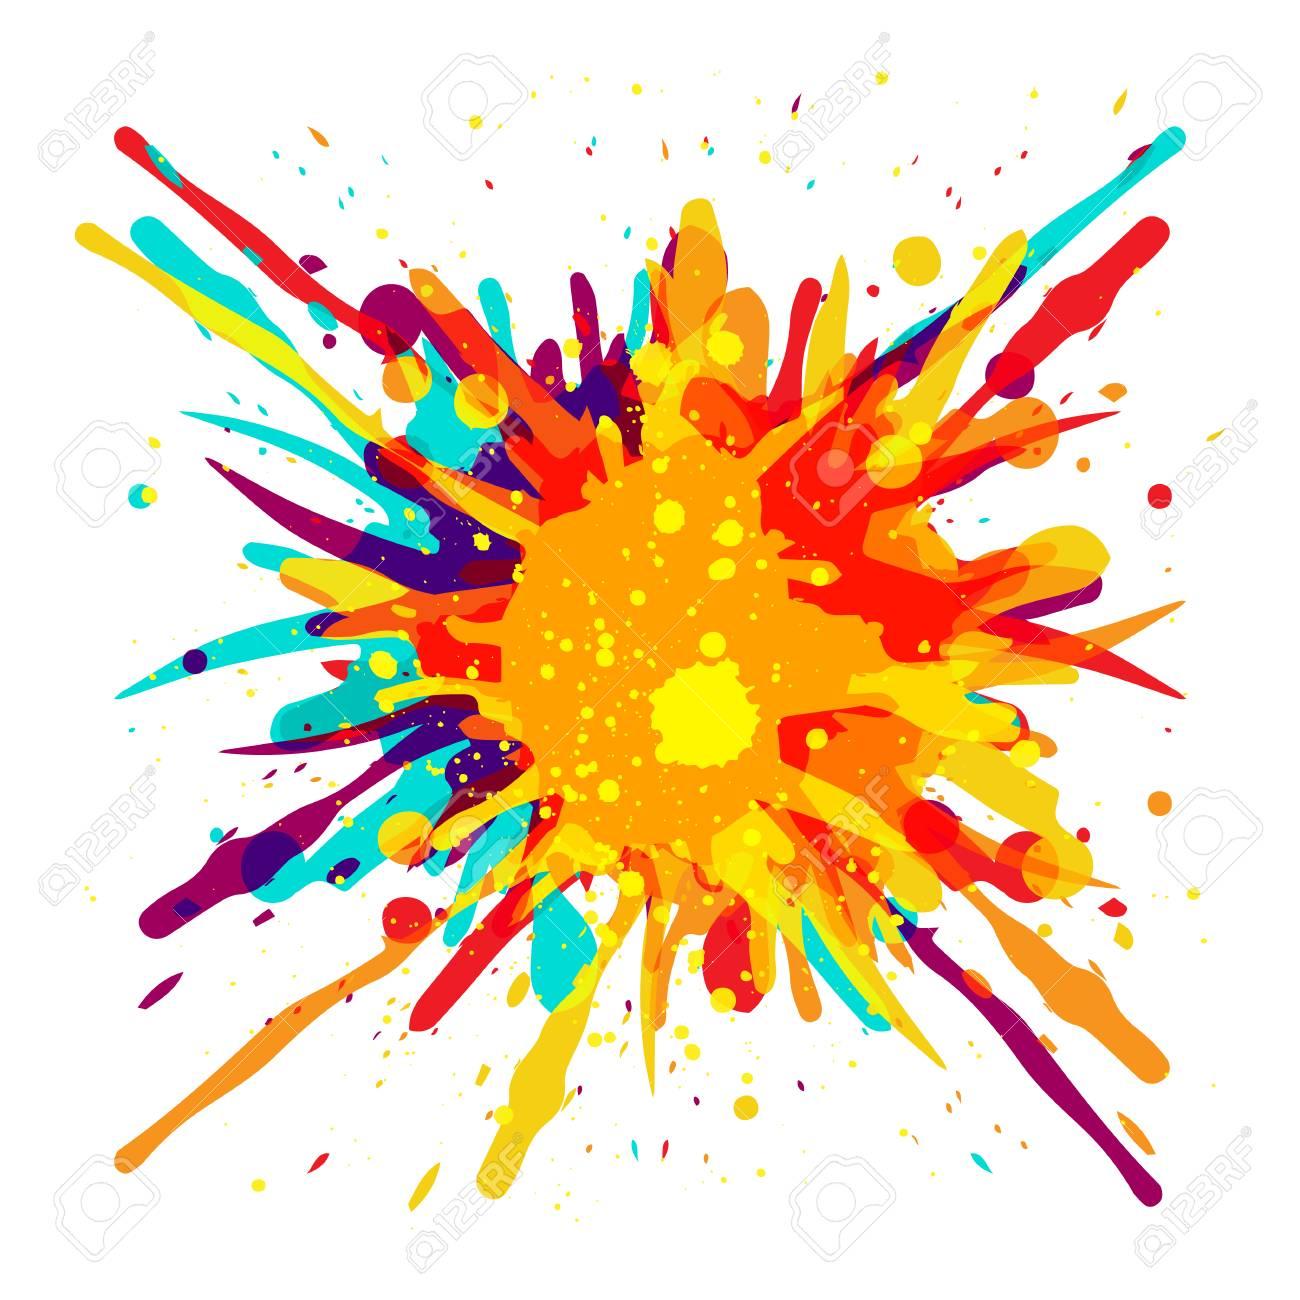 Paint Color Splash Background Design Illustration Royalty Free